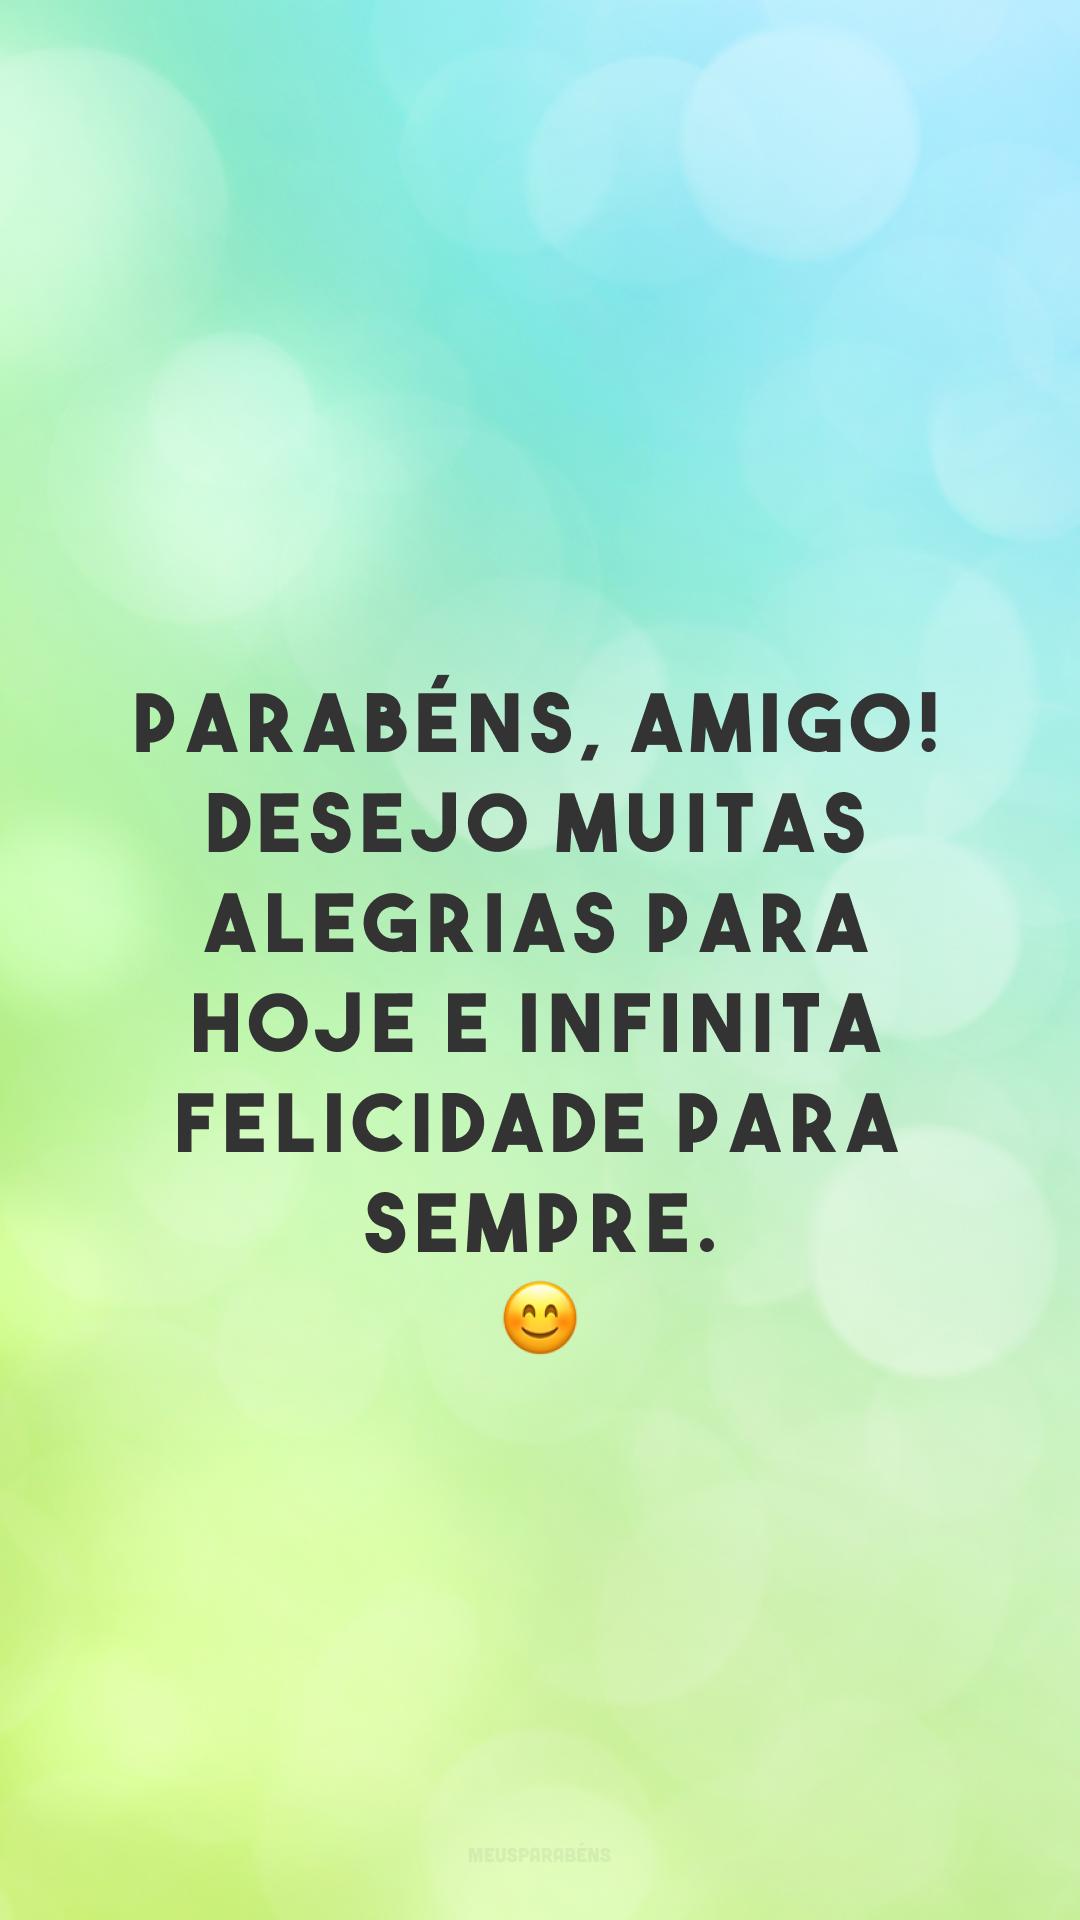 Parabéns, amigo! Desejo muitas alegrias para hoje e infinita felicidade para sempre. 😊